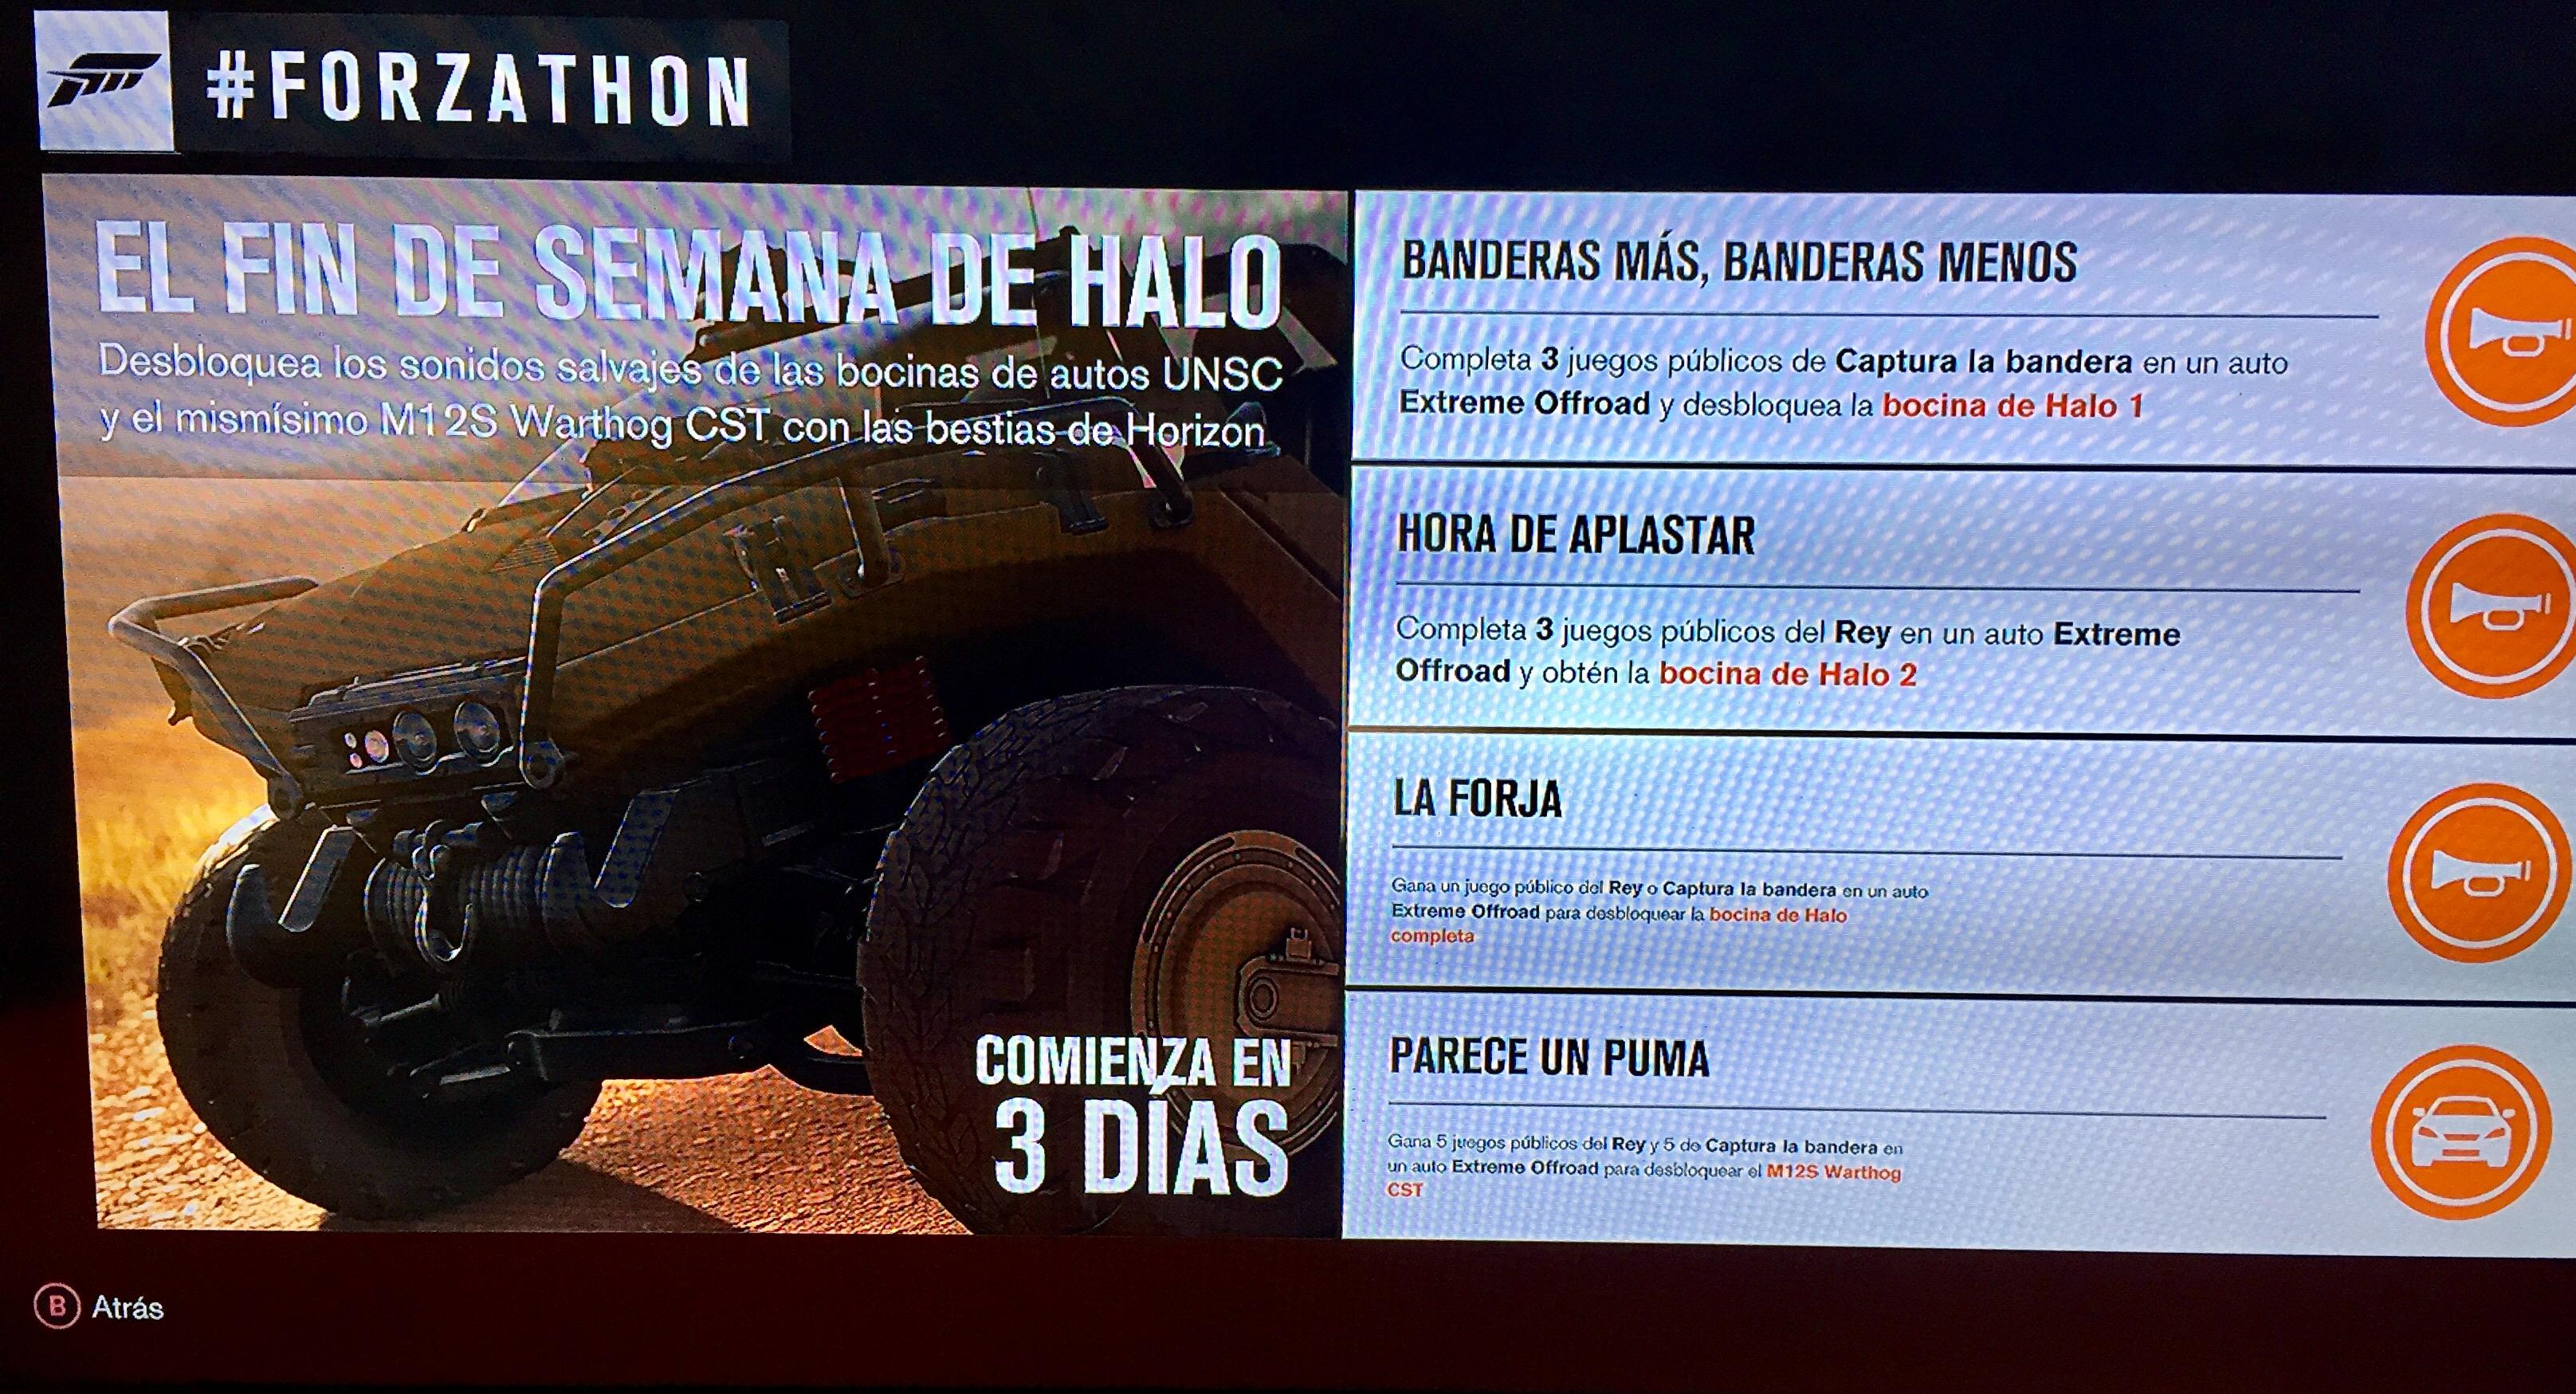 """Forzathon Octubre: Forza Horizon 3 """"Vehículo Warthog de Halo"""""""